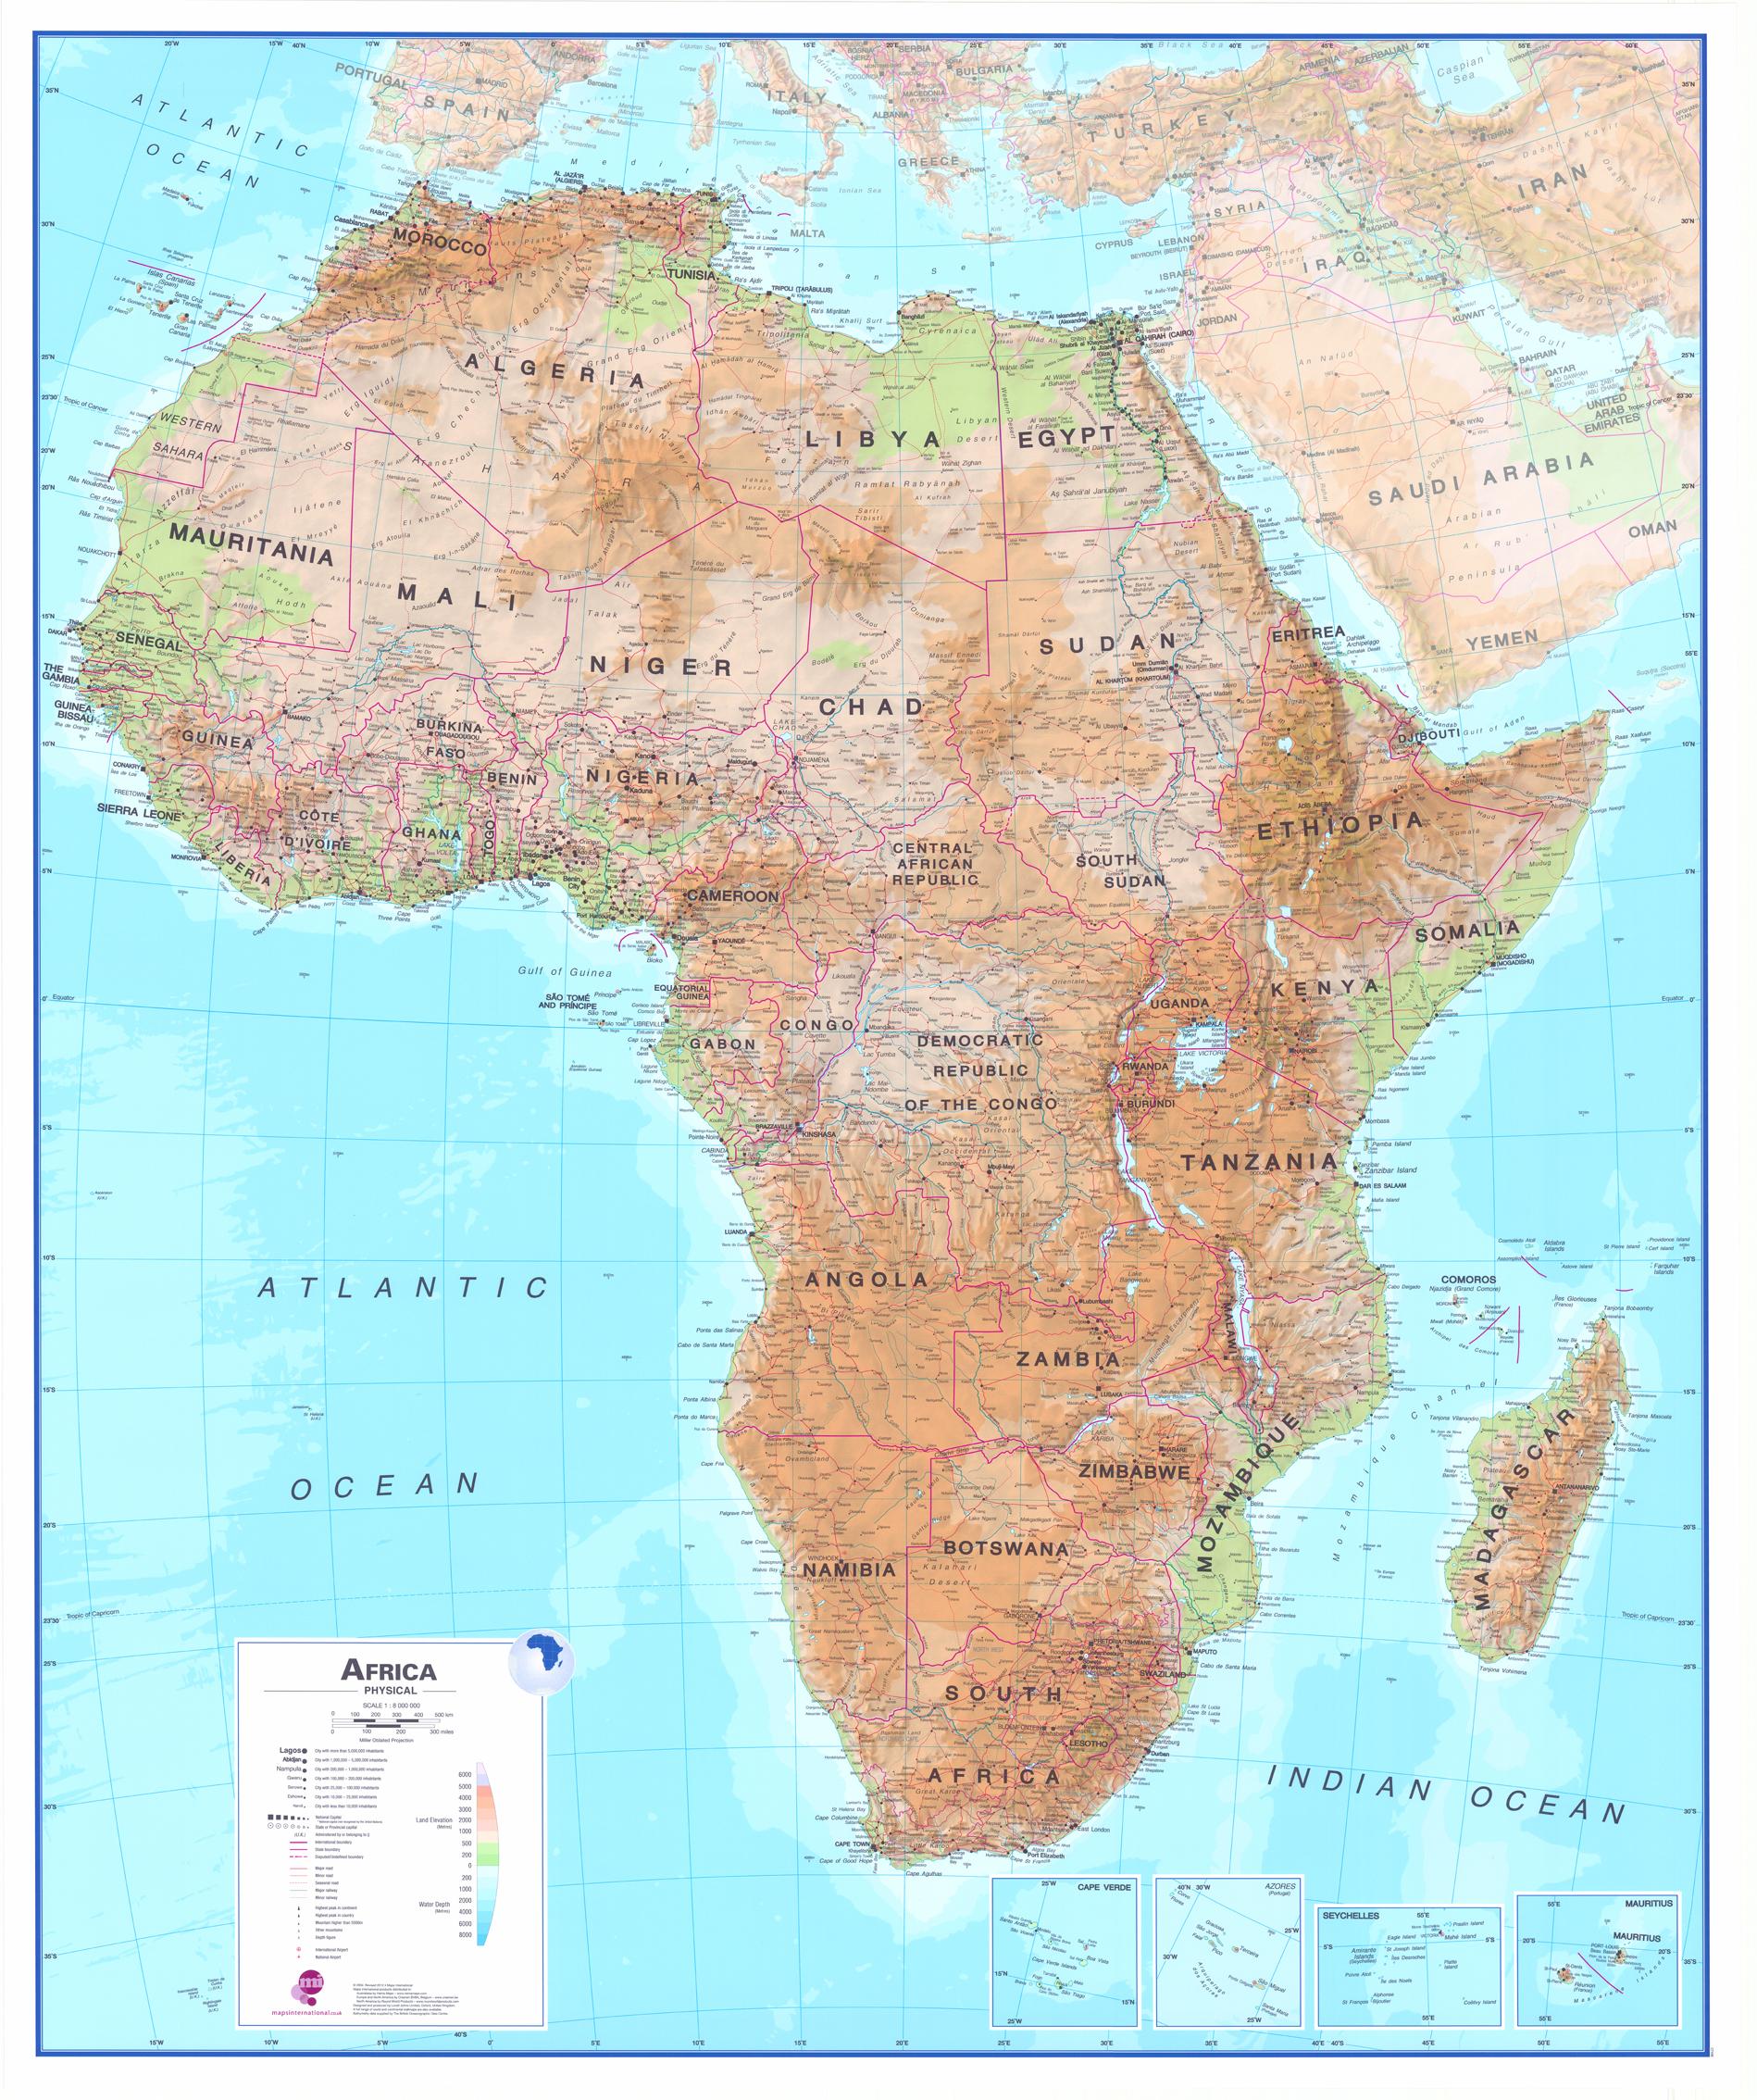 Nastenne Mapy Afrika Geograficka 120x100cm Lamino Listy Www